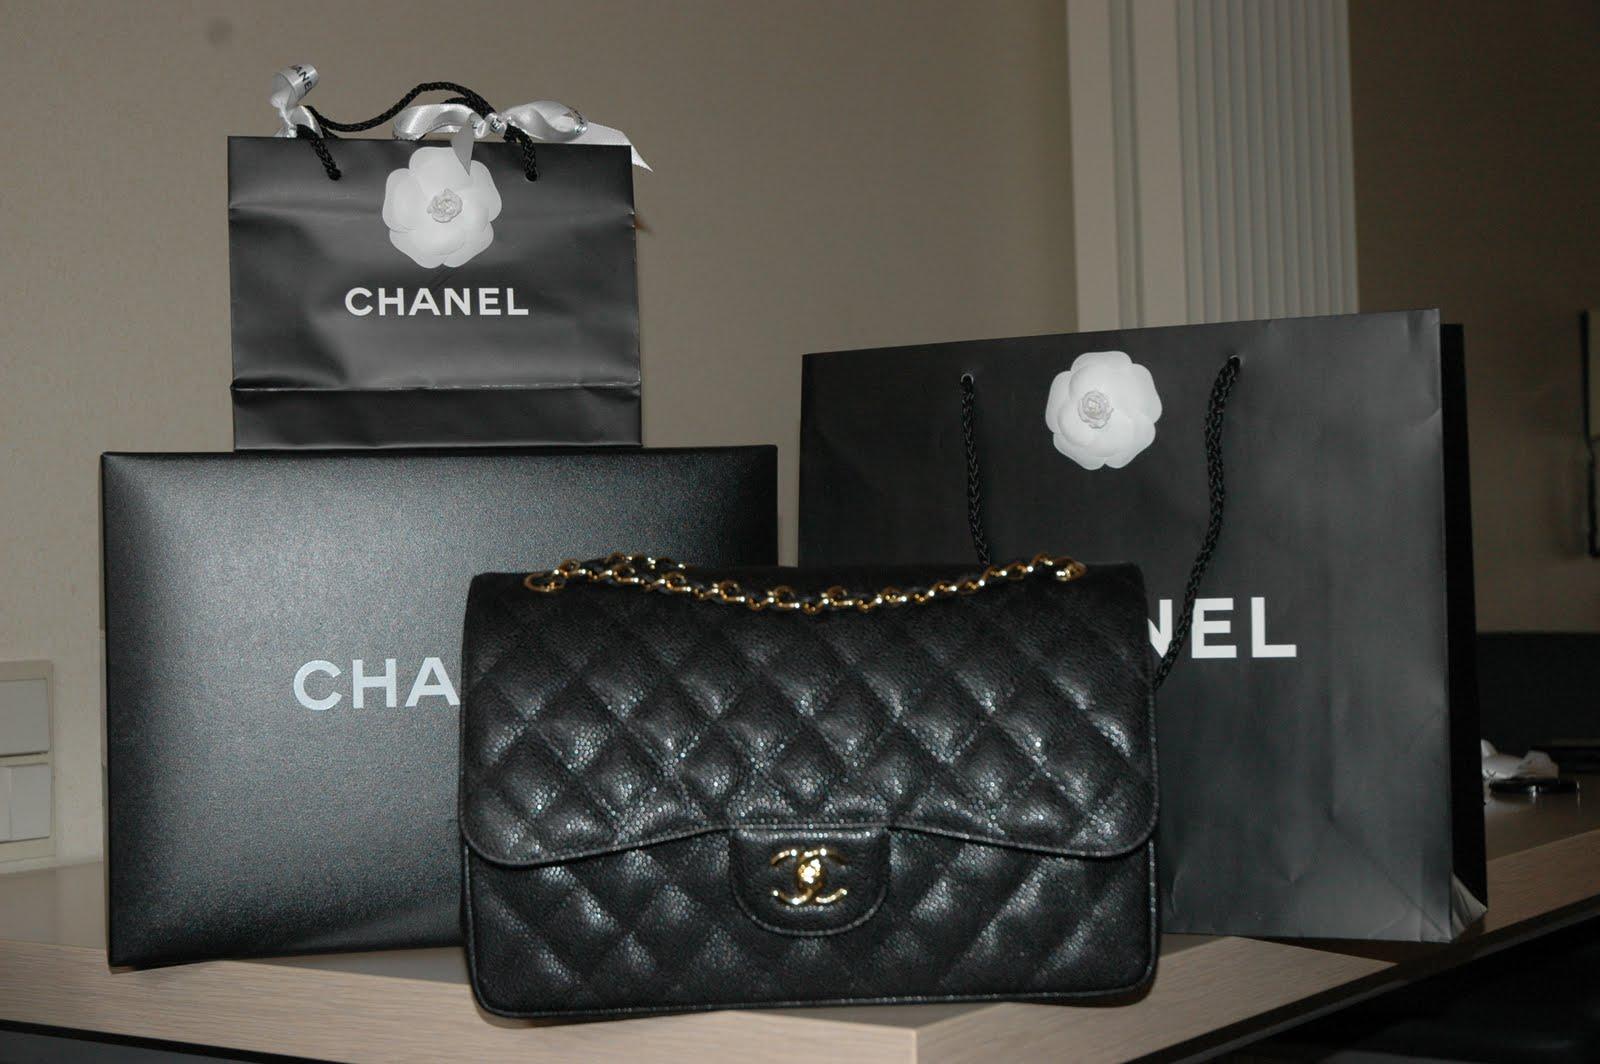 Wonderbaarlijk Maxime: Chanel handtas wordt investering FB-39